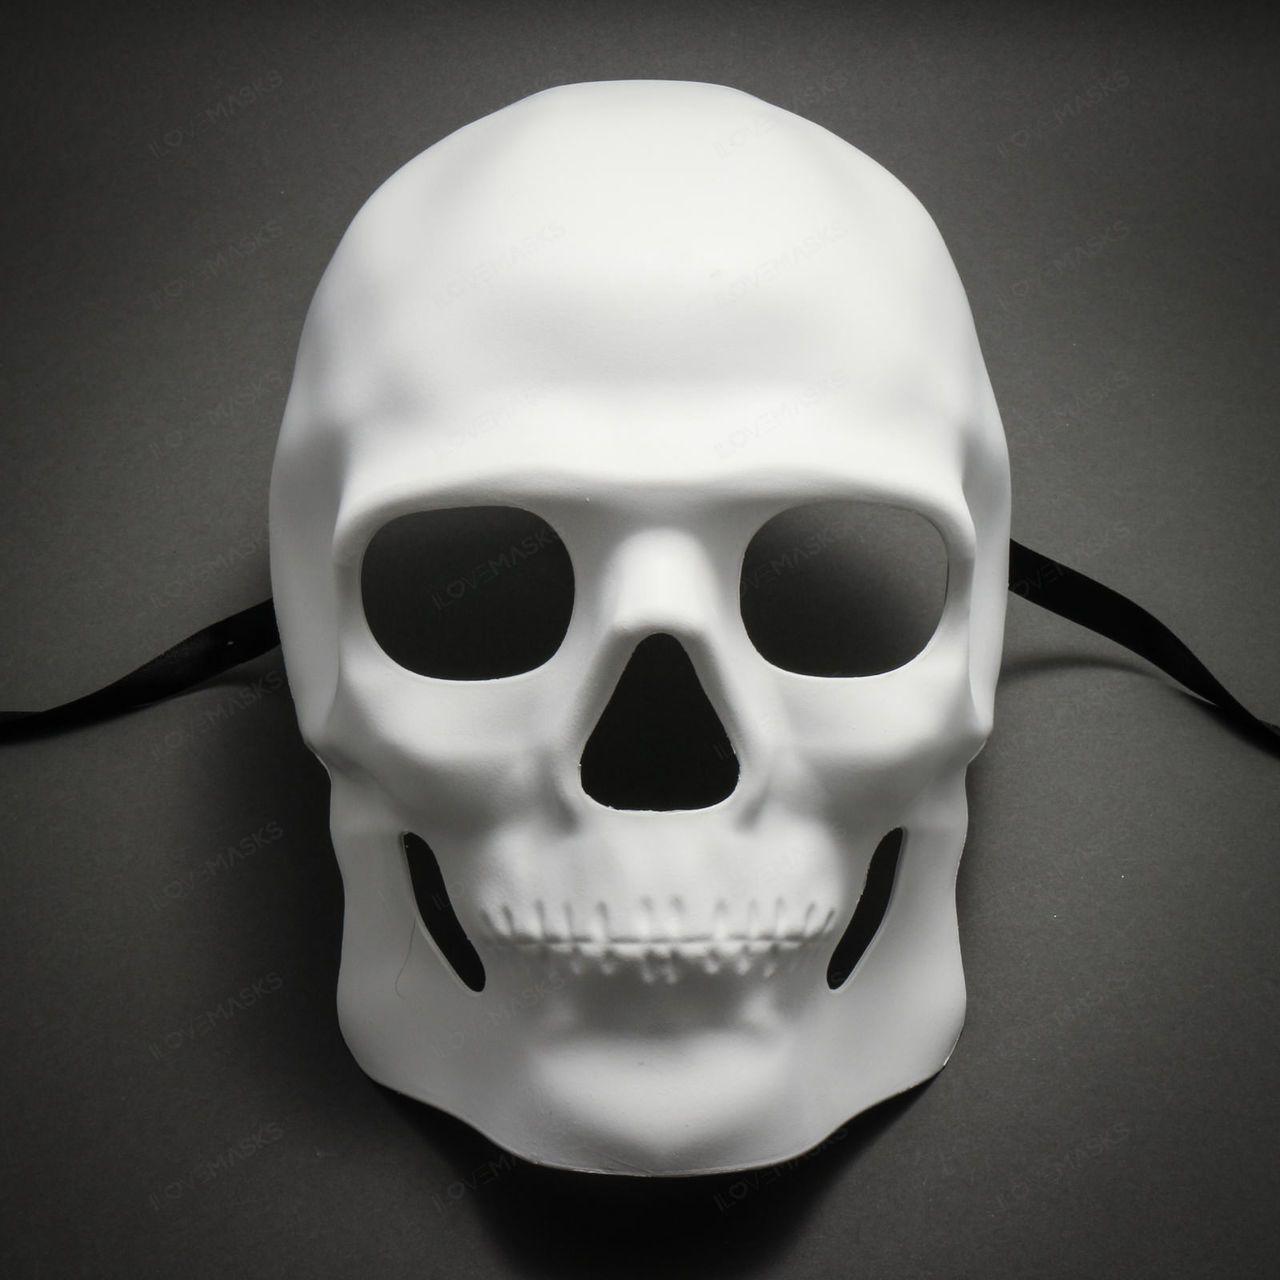 Halloween 2020 Mask White Skull Halloween Masquerade Full Face Mask   White in 2020 | Full